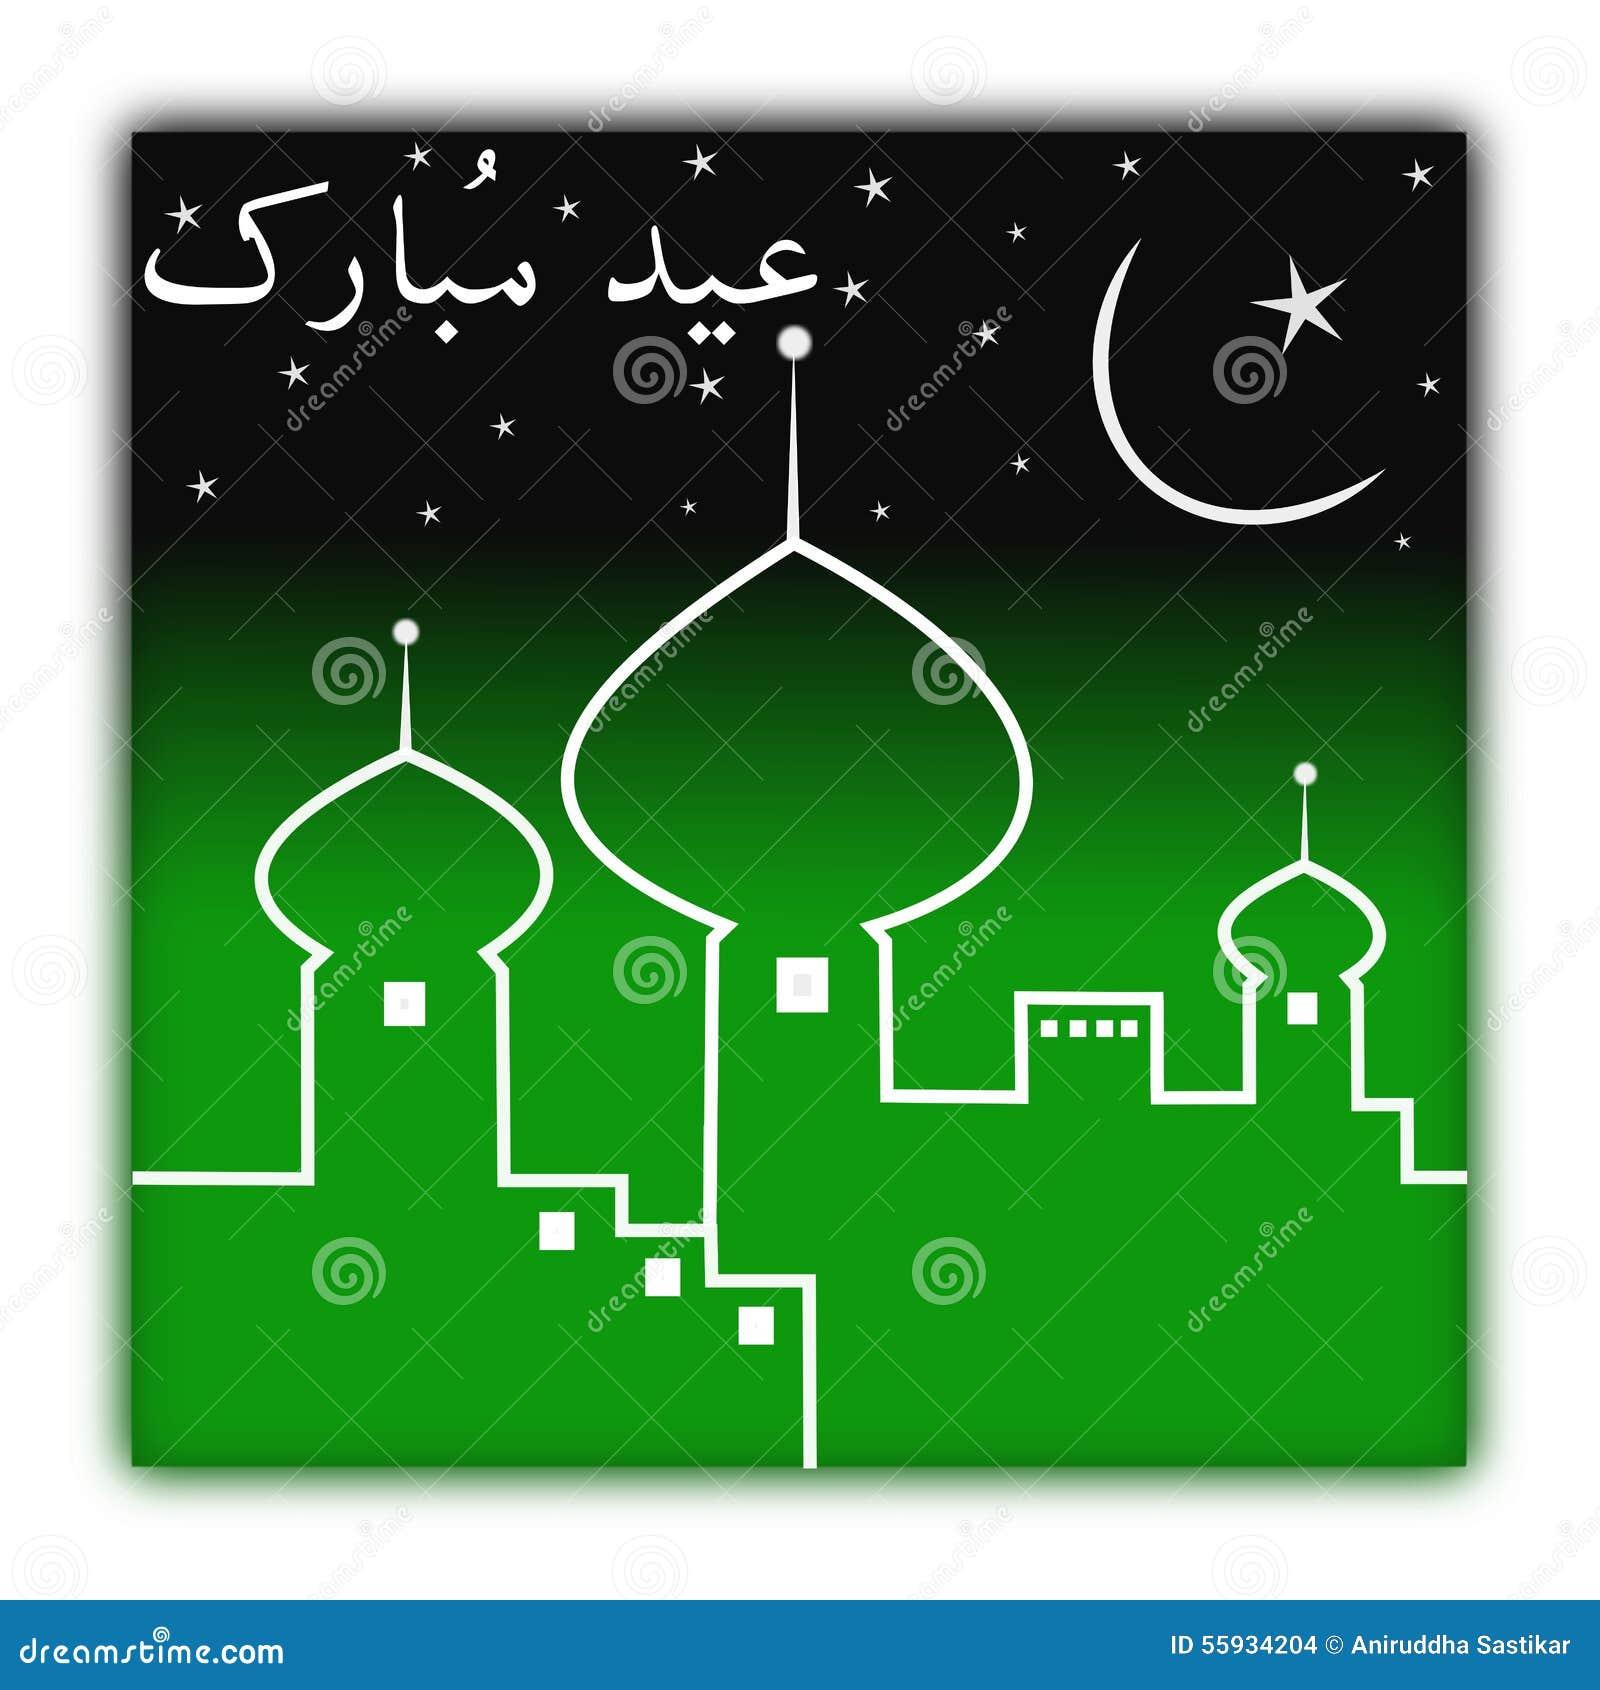 Eid greetings urdu stock illustration illustration of allah download eid greetings urdu stock illustration illustration of allah 55934204 m4hsunfo